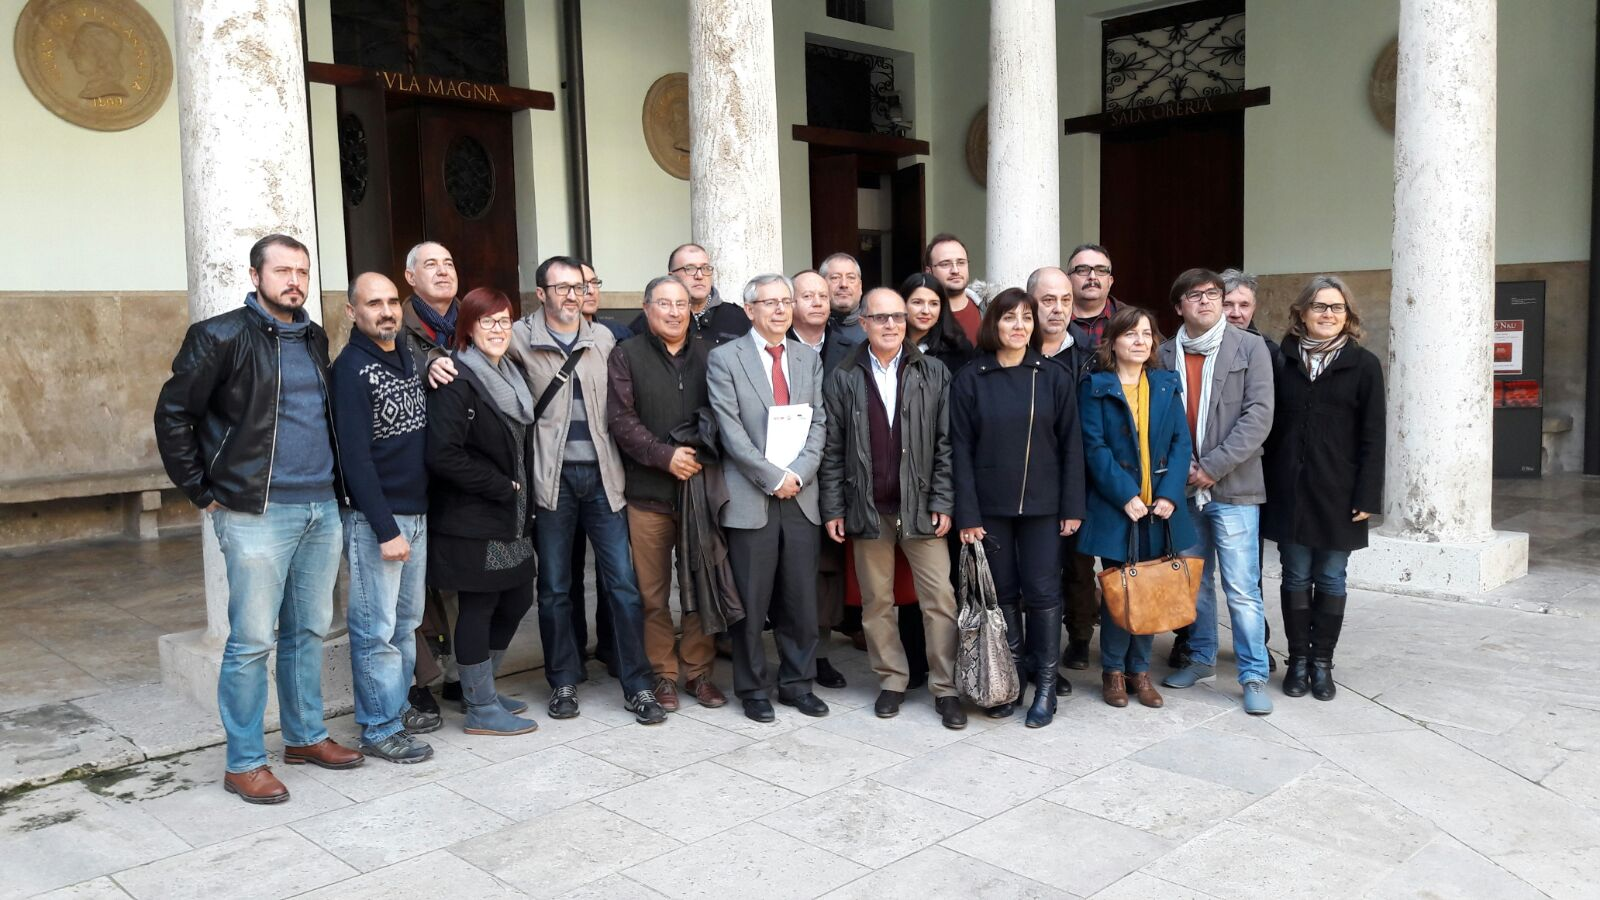 Sindicats, partits i entitats donen suport a l'Acord sobre competència lingüístuca